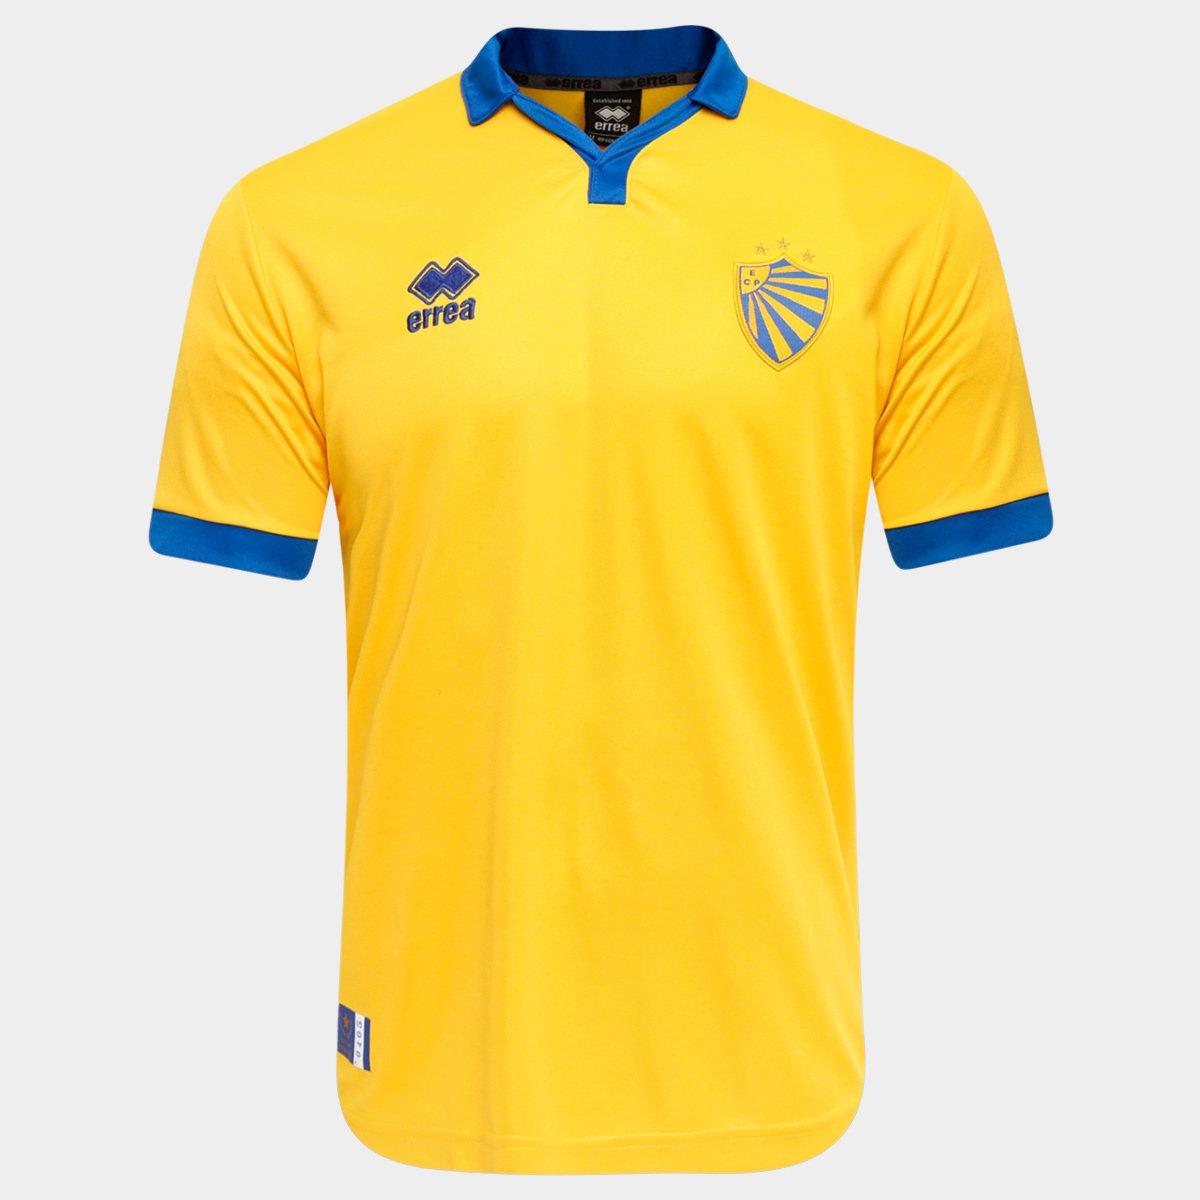 Camisa Pelotas I 14 15 s nº Torcedor Errea Masculina - Compre Agora ... 491ee5683bfaa